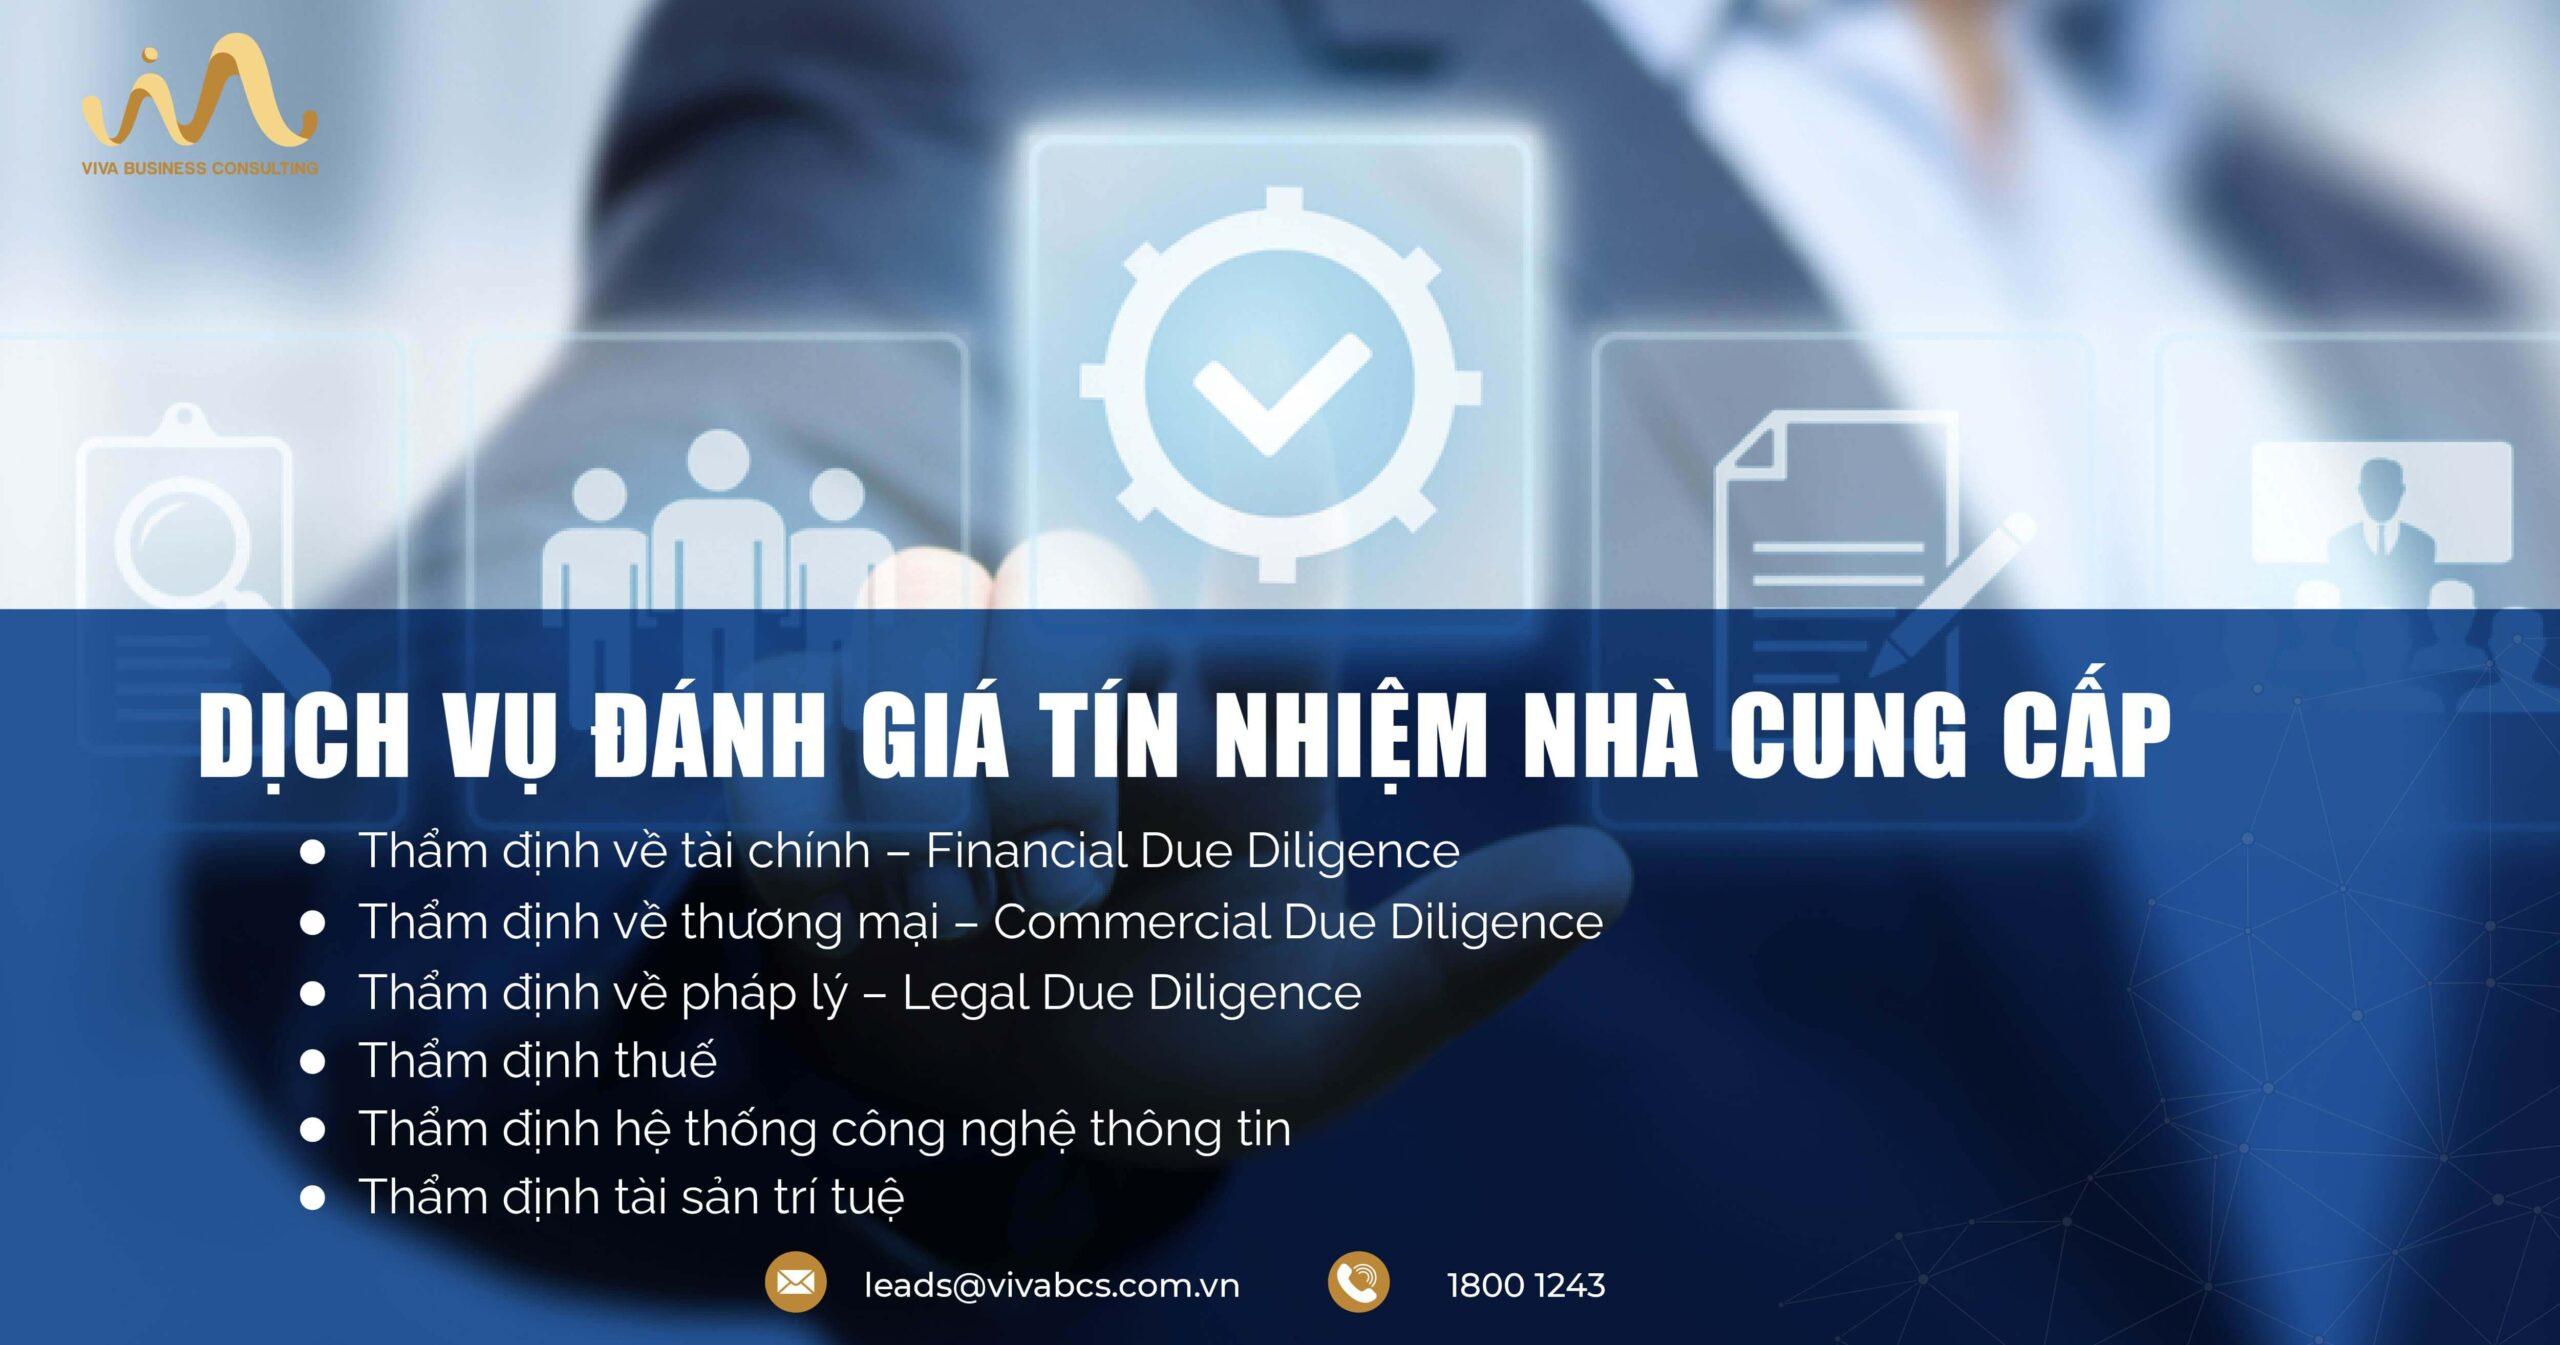 Dịch vụ đánh giá nhà cung cấp - Due Diligence